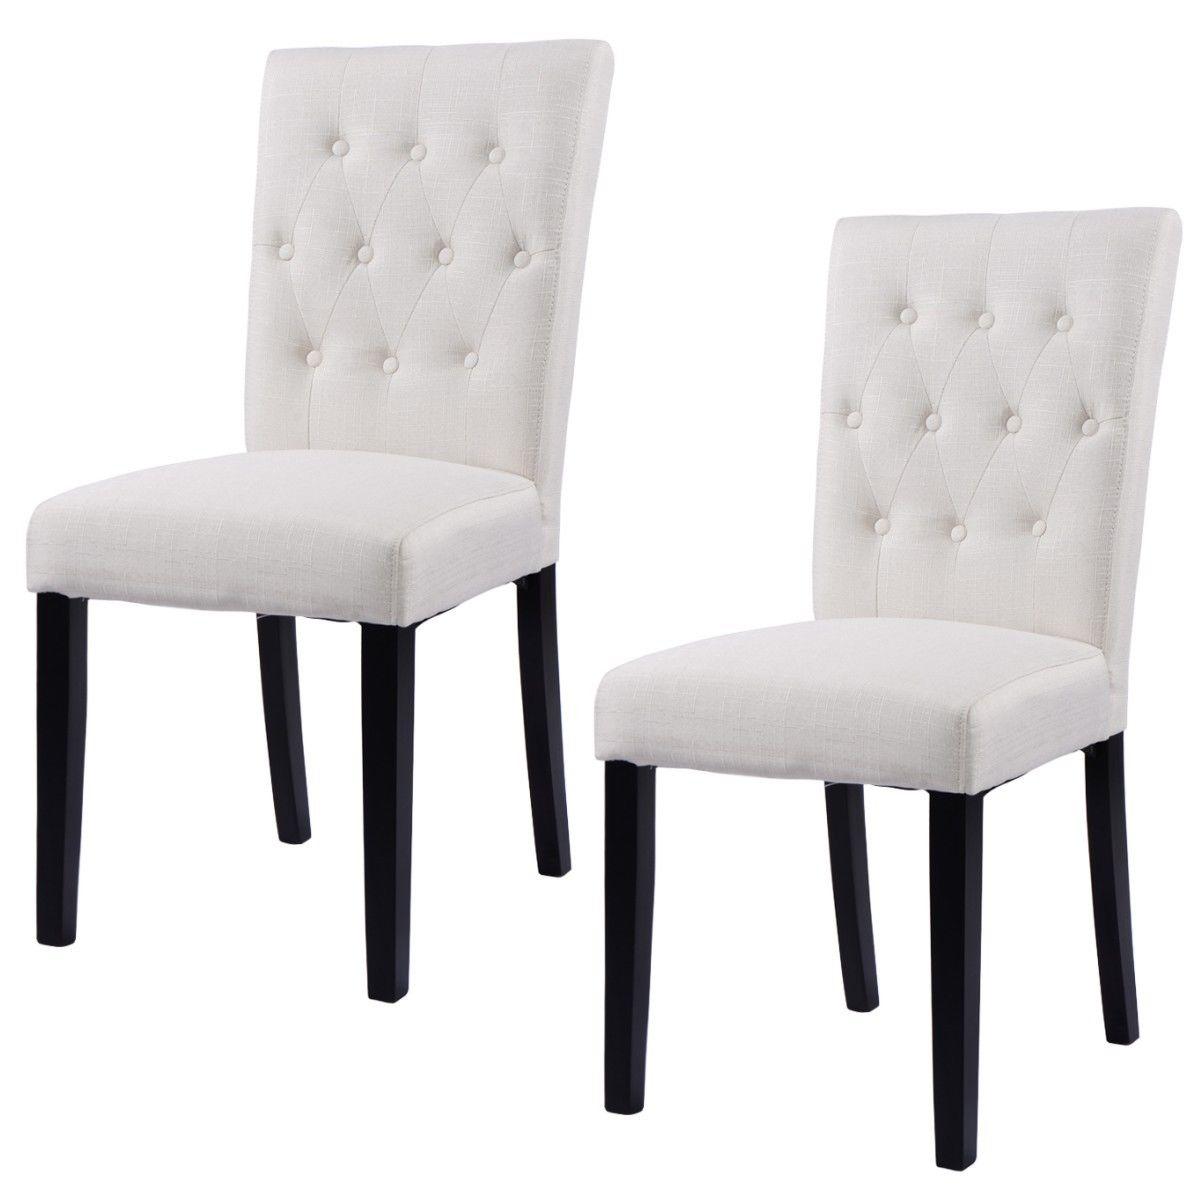 Giantex lot de 2 pièces tissu salle à manger chaise sans bras chaise moderne maison cuisine salon meubles HW52778BE